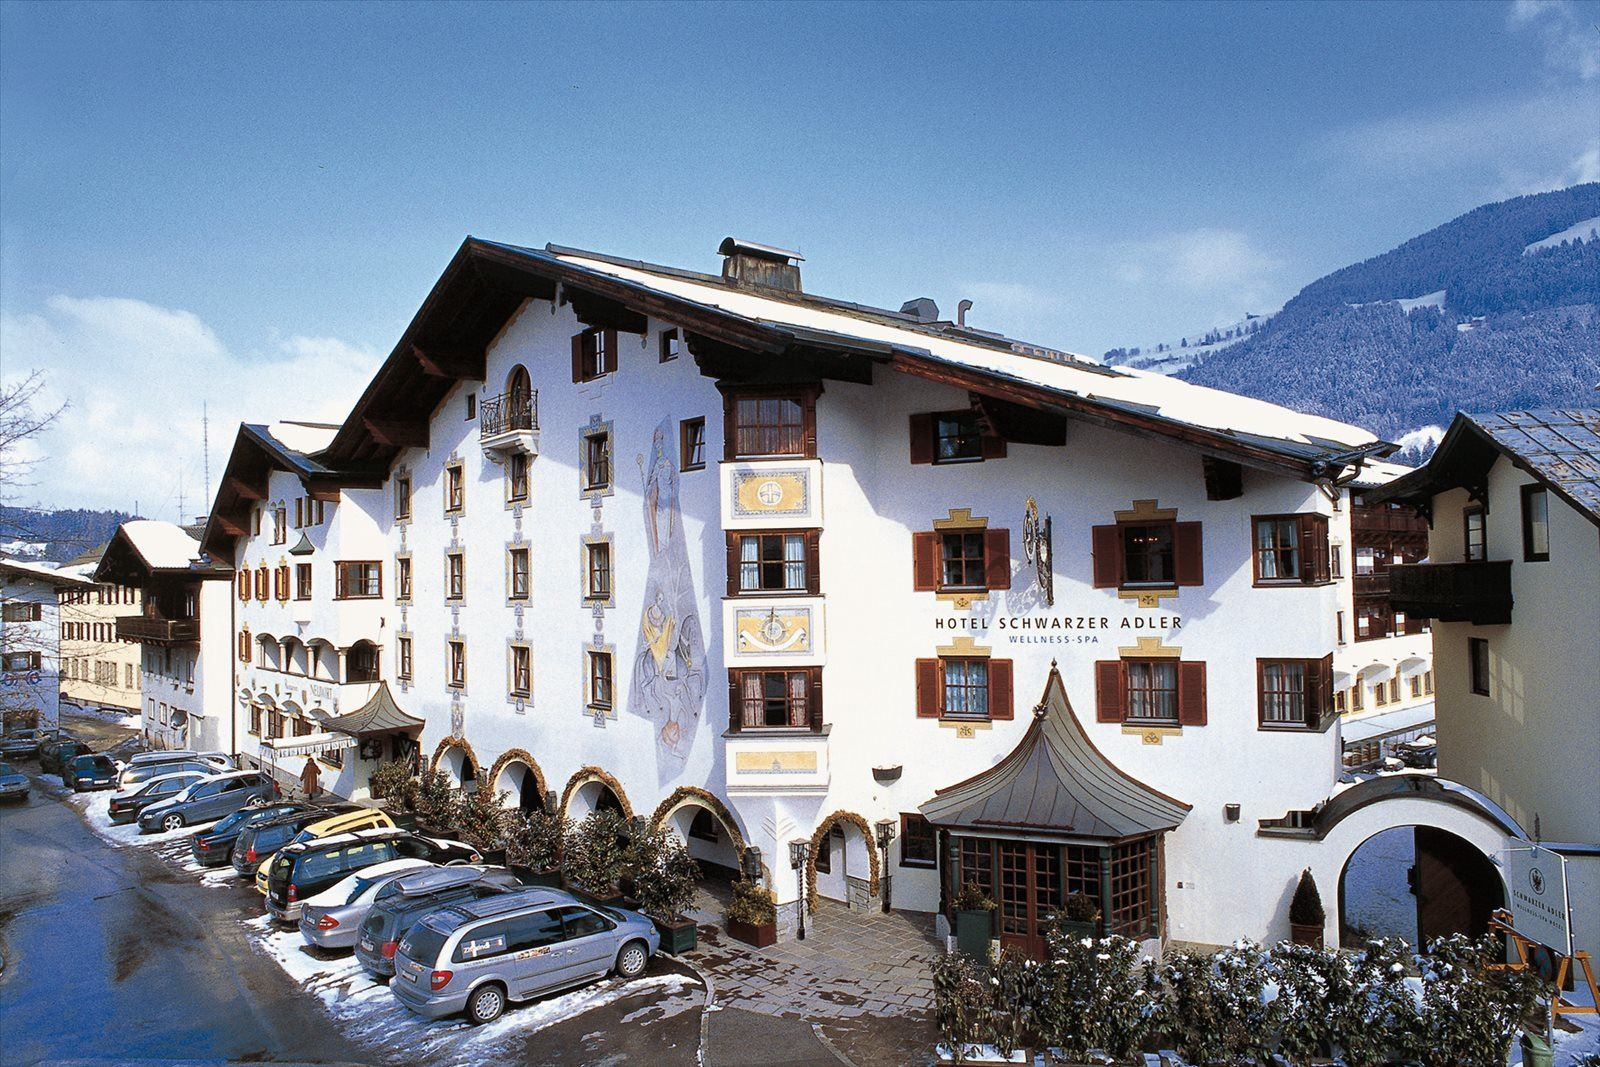 Hotel Schwarzer Adler - Kitzbühel